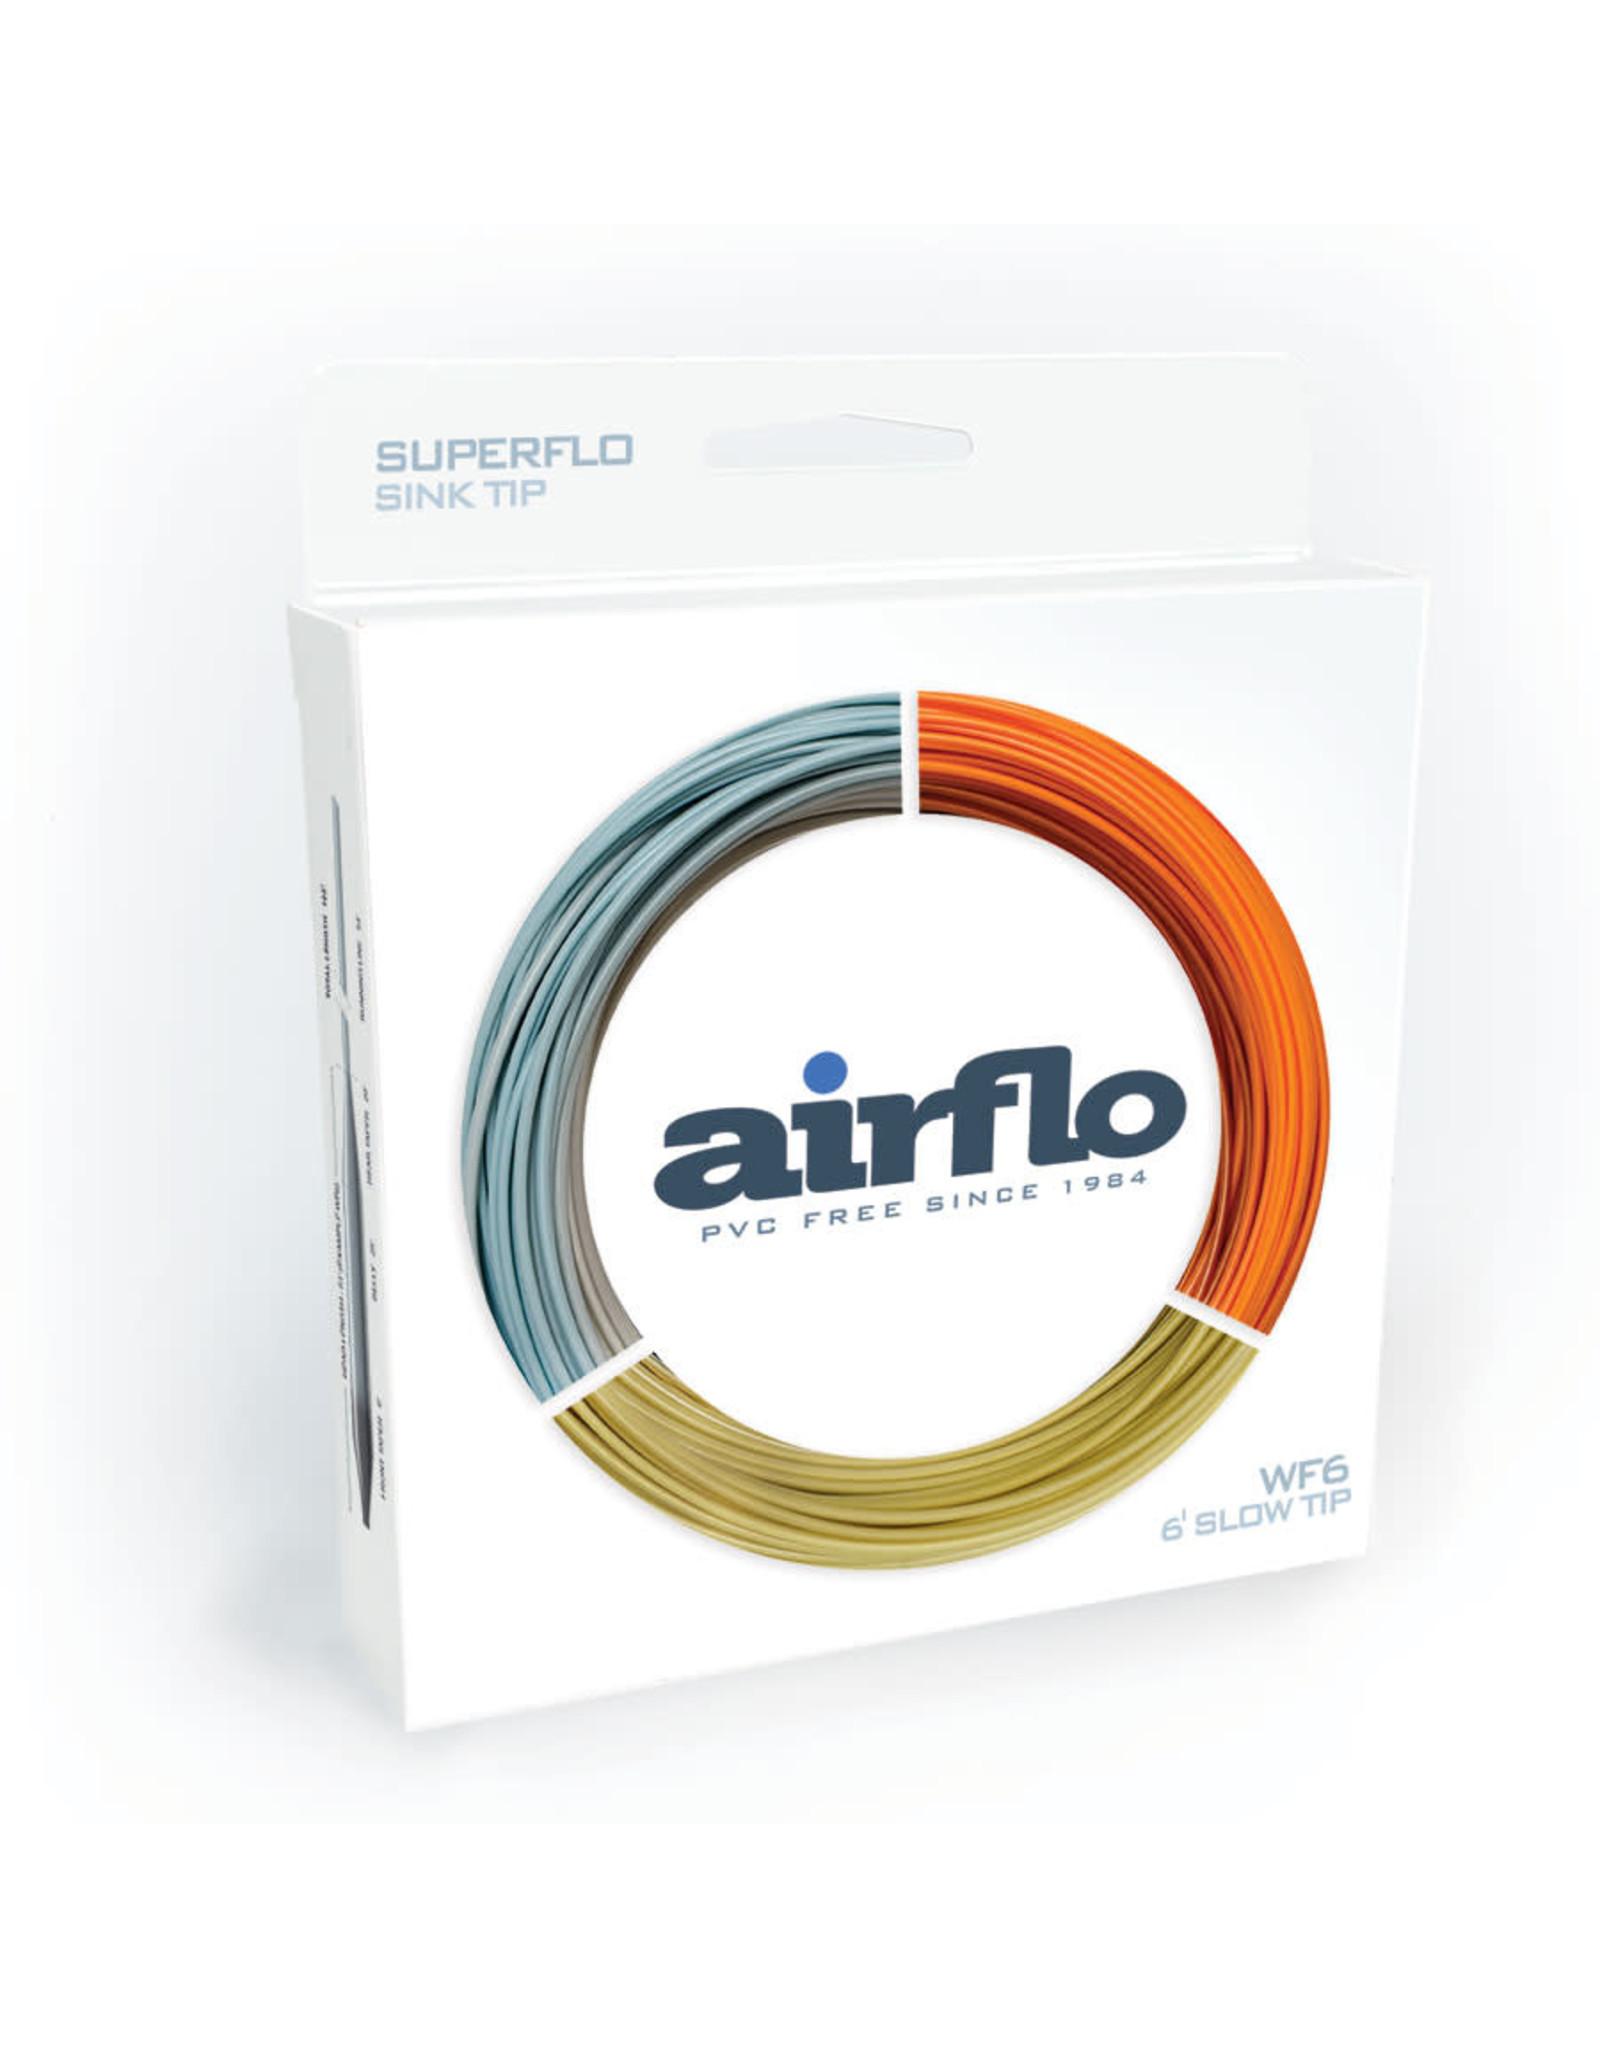 AIRFLO Airflo Superflo Mini Tip Fly Line - WF8 6' Fast